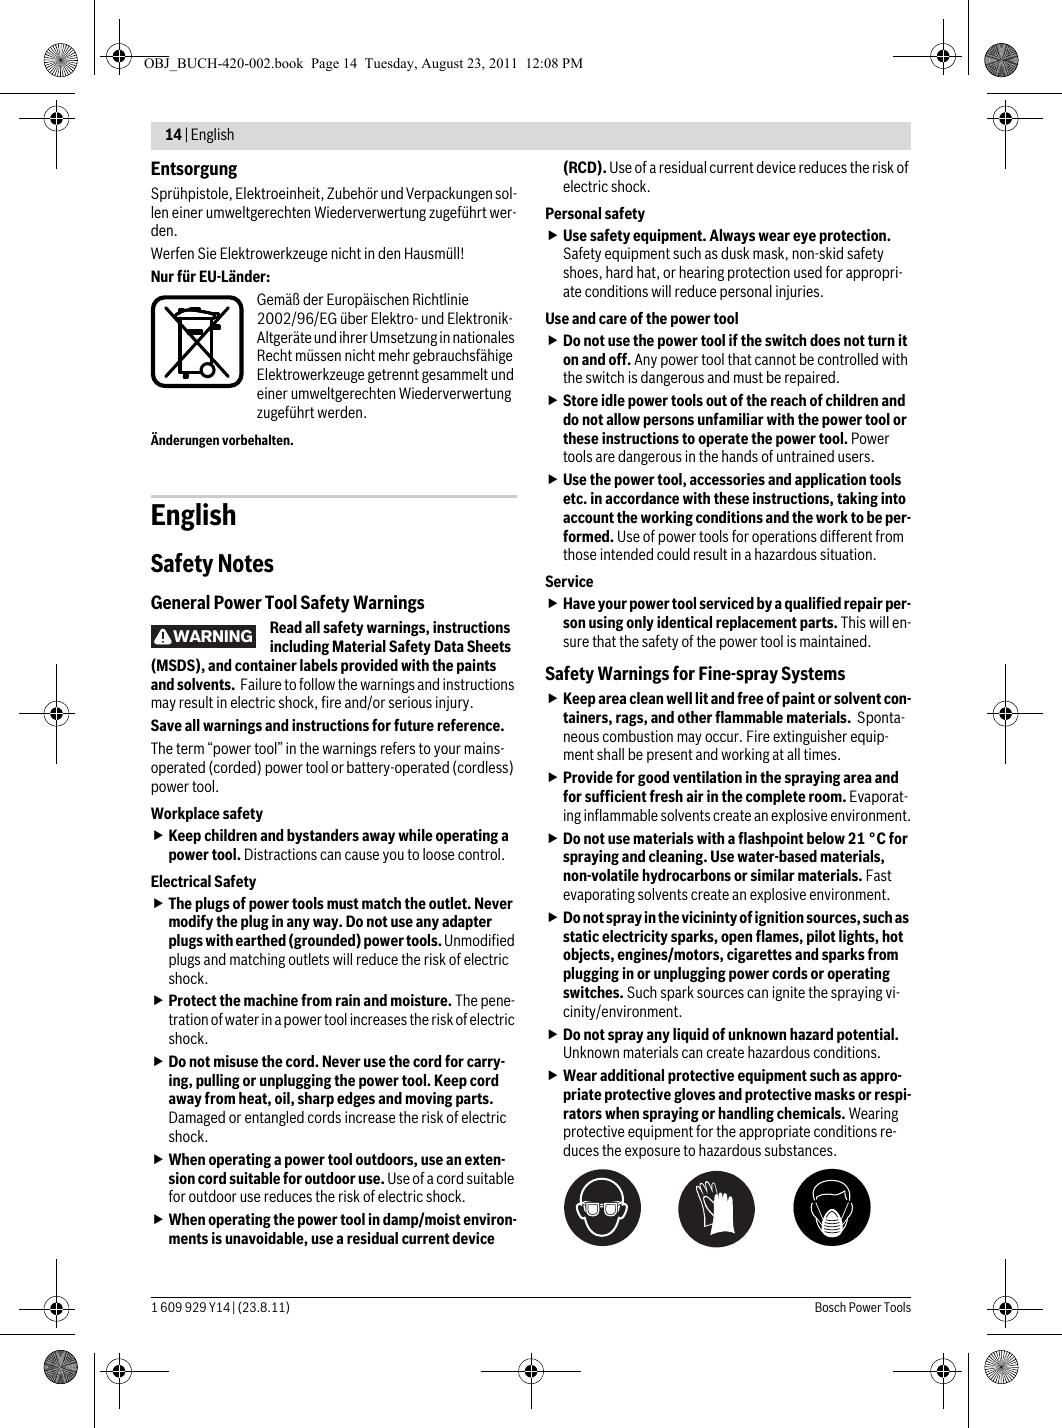 Hogyan lehet felkészülni a parazitákat vizsgáló felnőttekre. cornereger.hu - Sitemap - 4